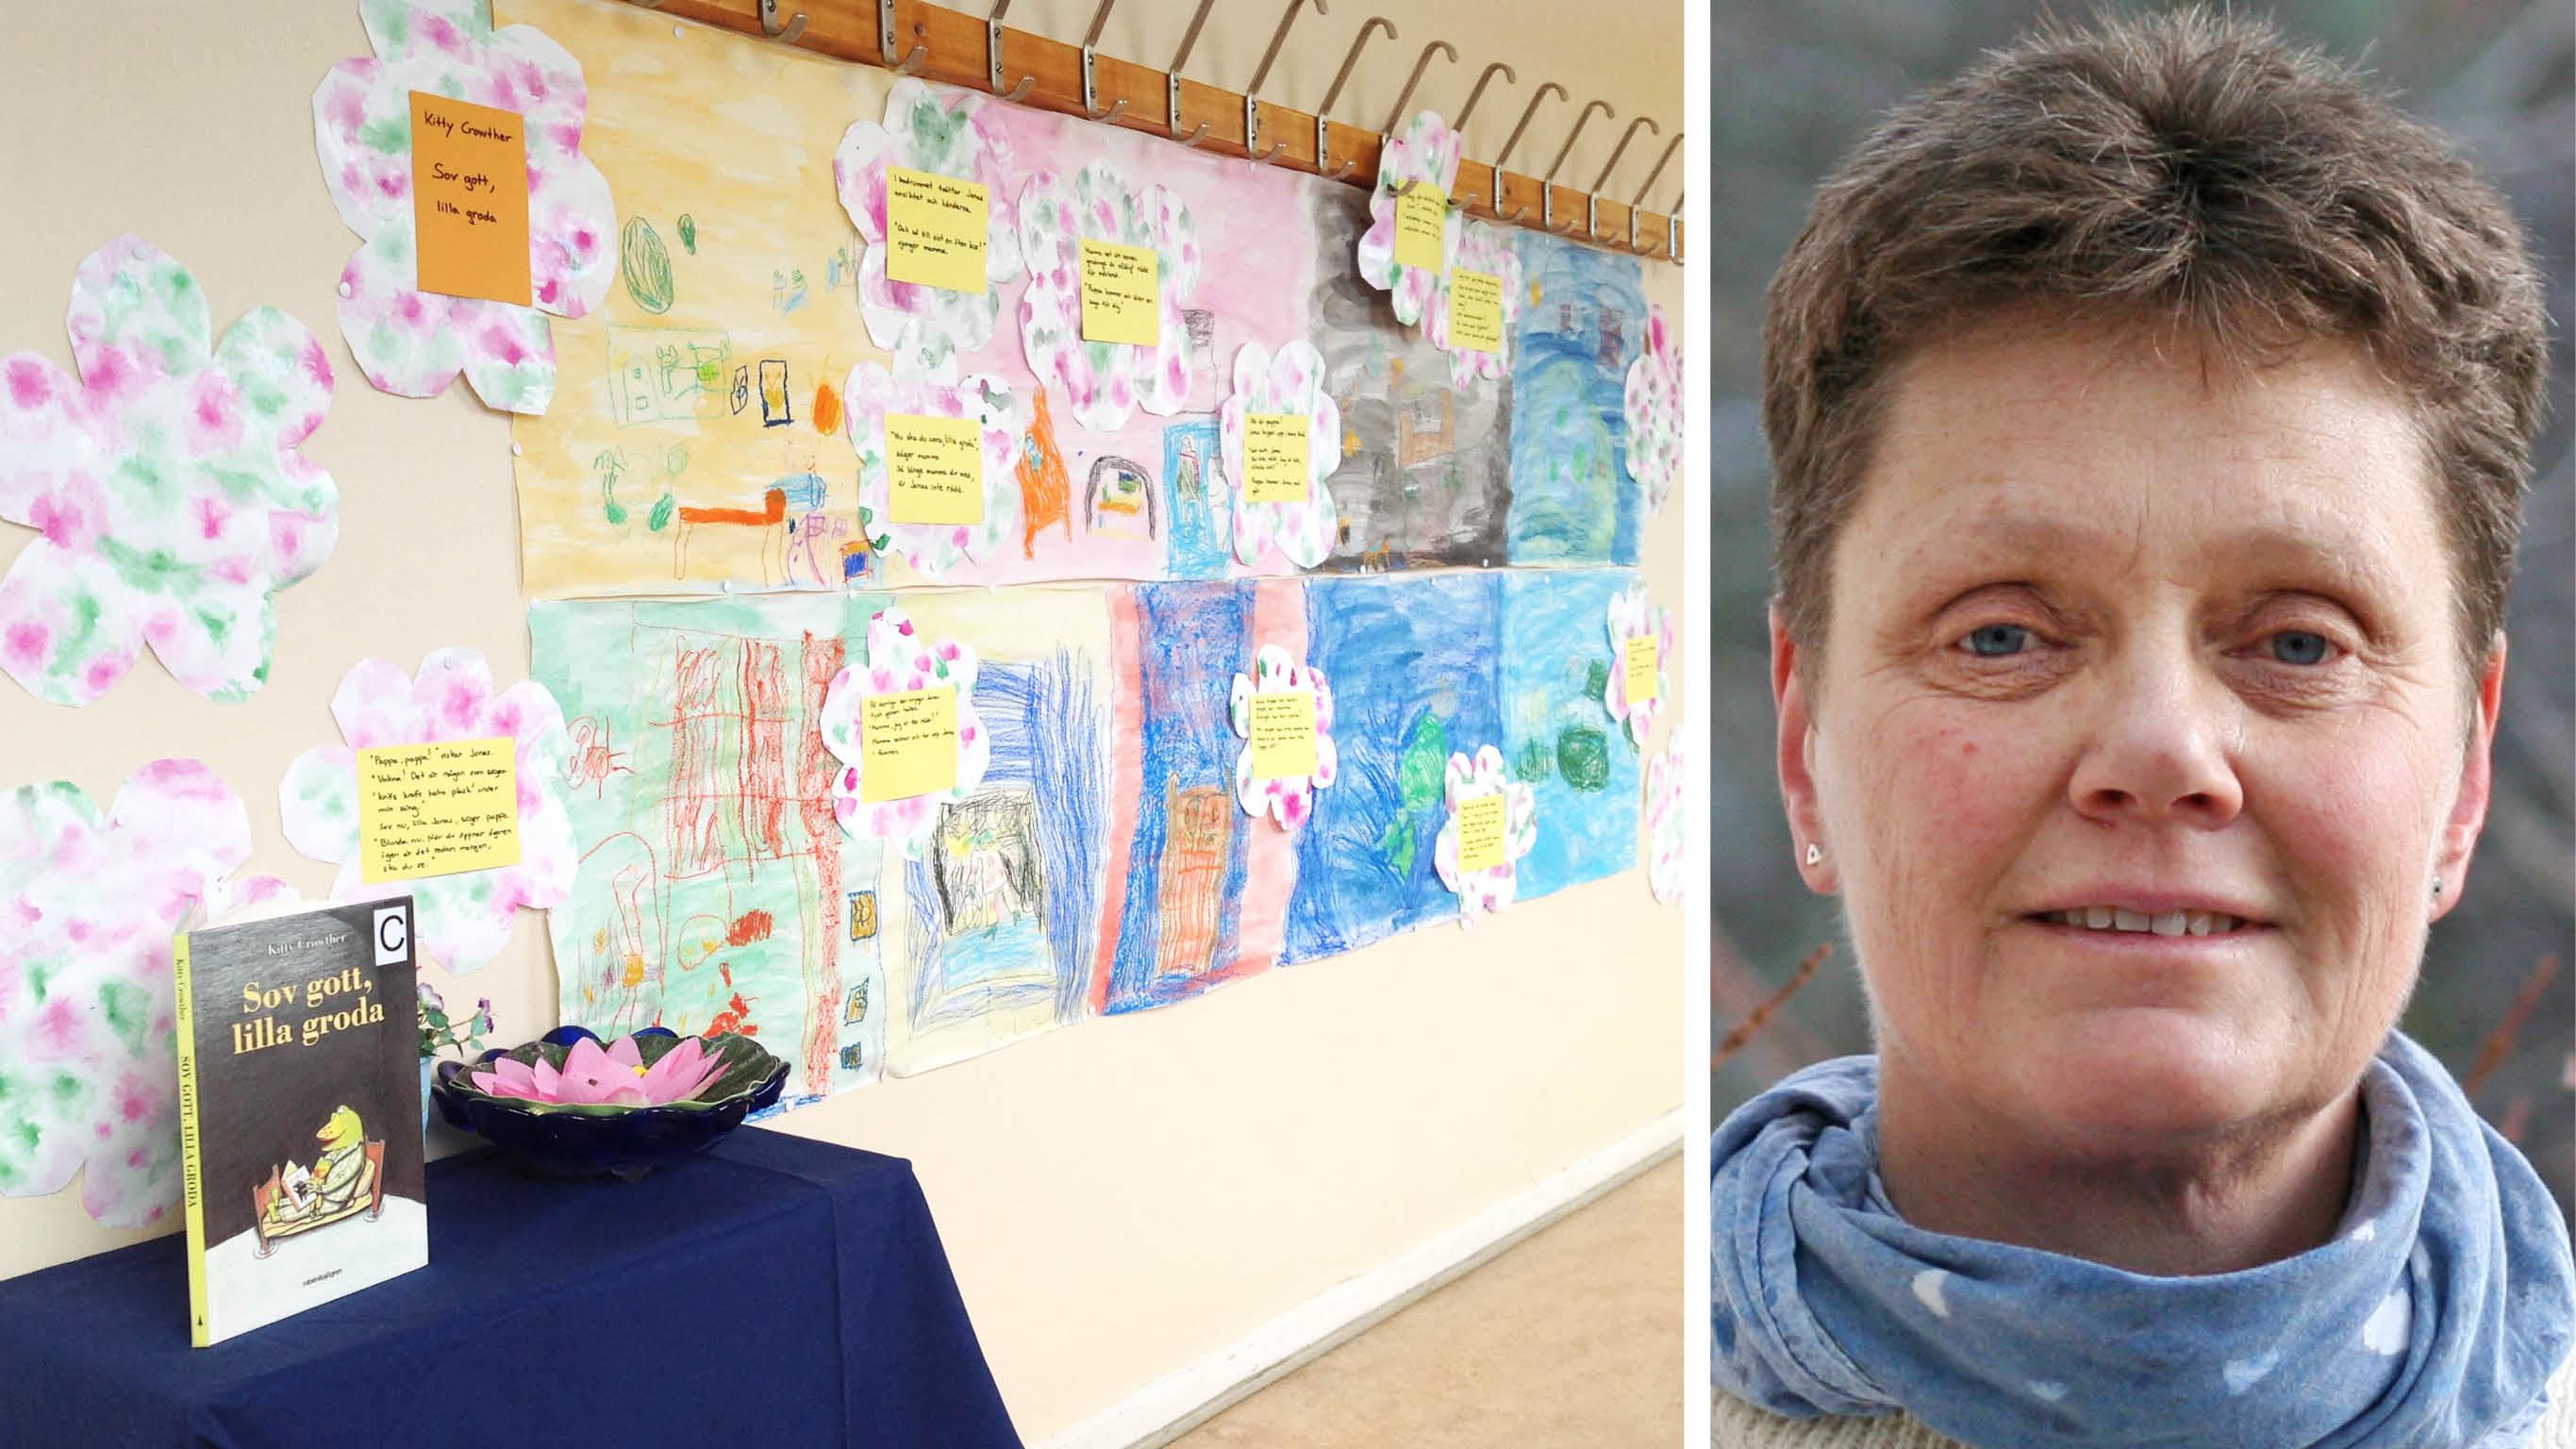 Cilla Dalén, skolbibliotekarie på Hjulsta grundskola i Stockholm, har tagit initiativ till litteratureventet. Foto: Privat